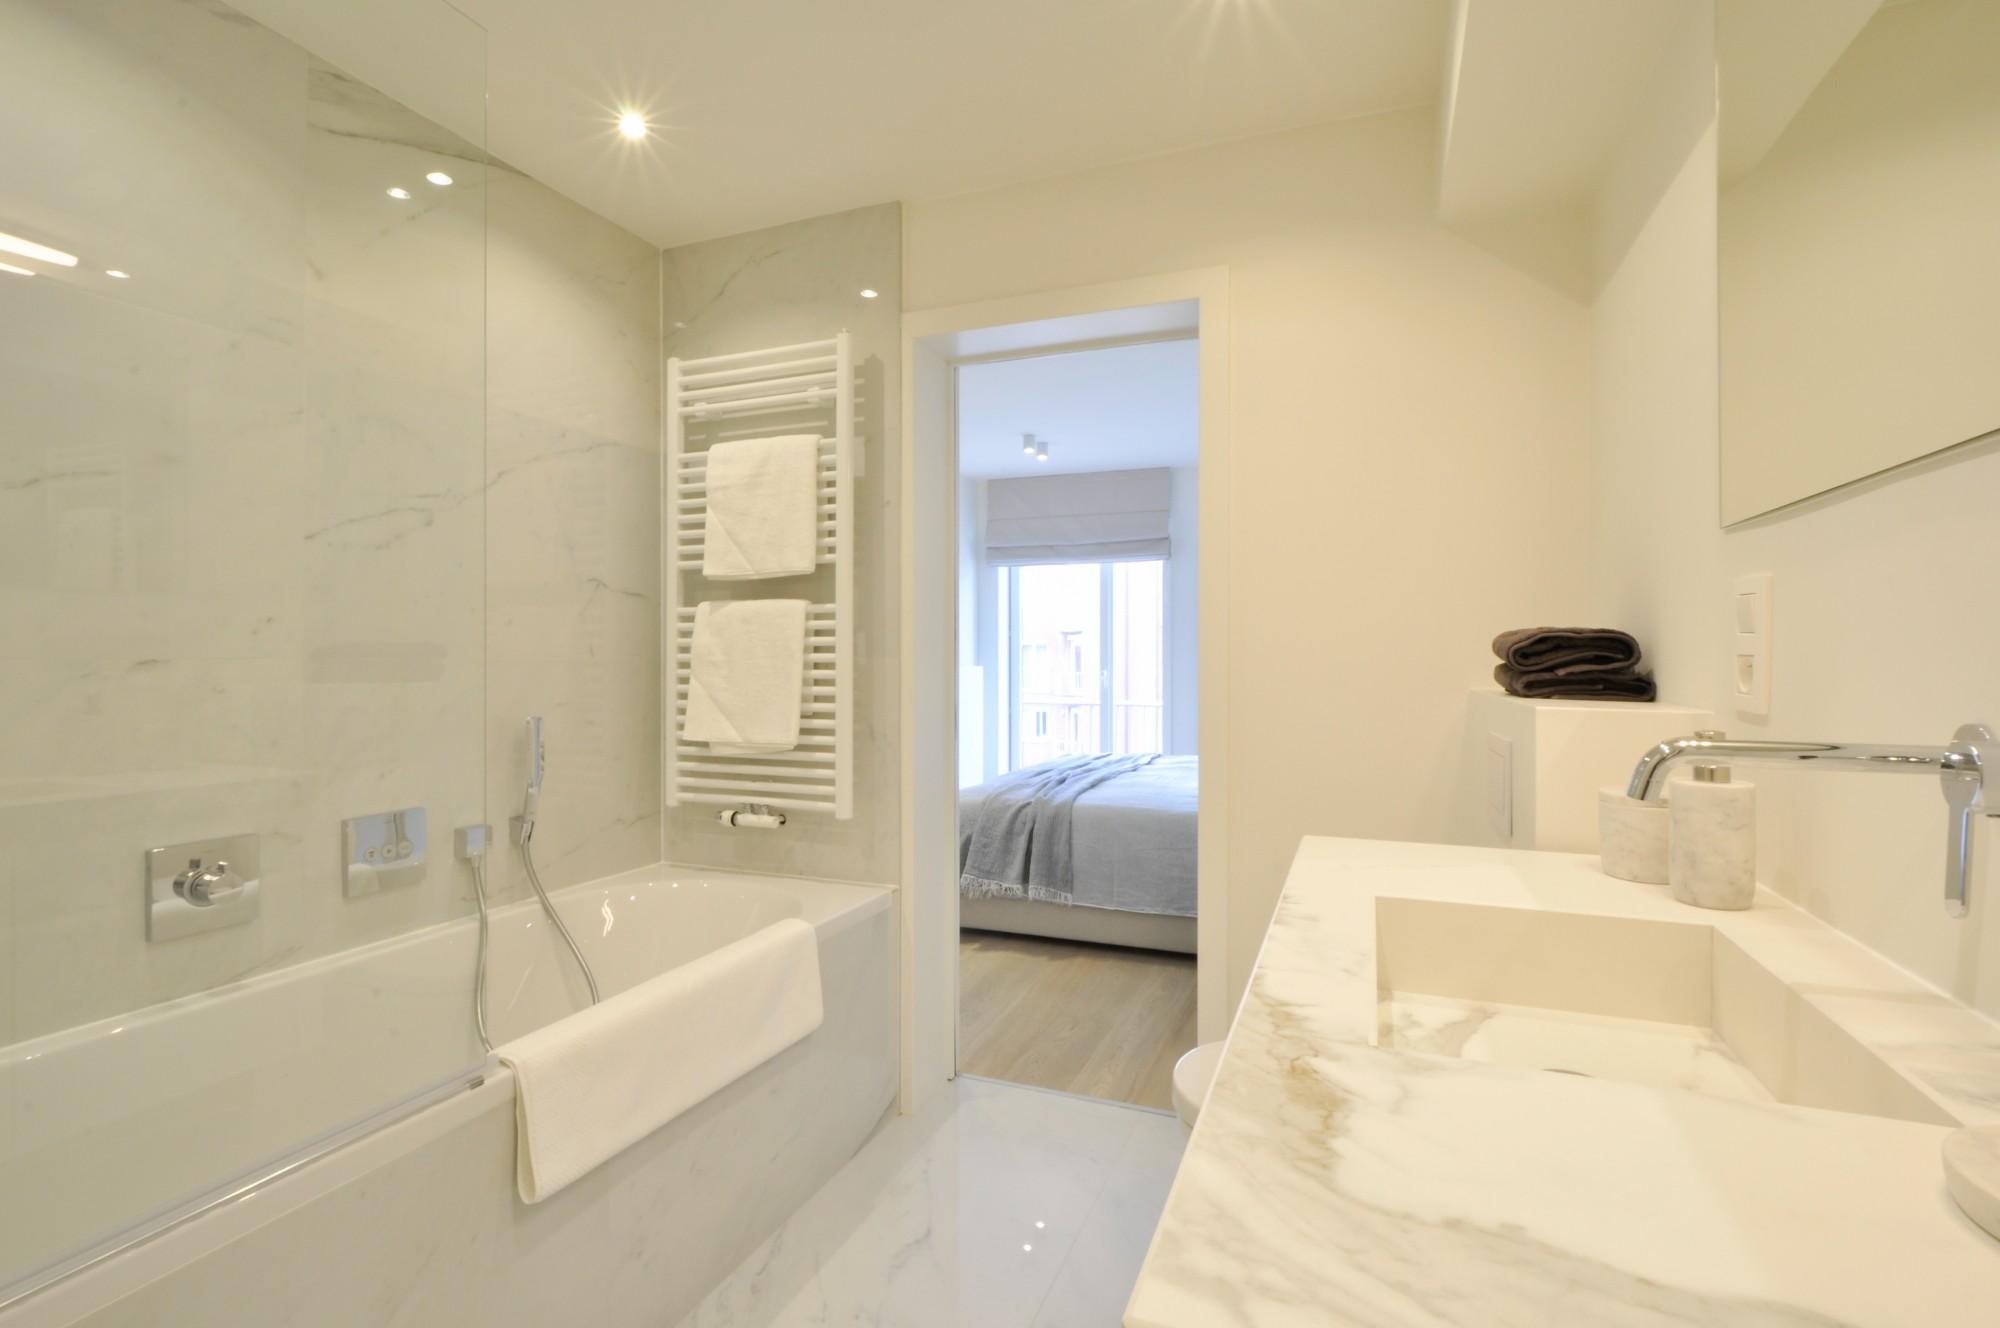 Renovatie Badkamer Knokke : Verkoop appartement t3 f3 knokke heist prachtige renovatie